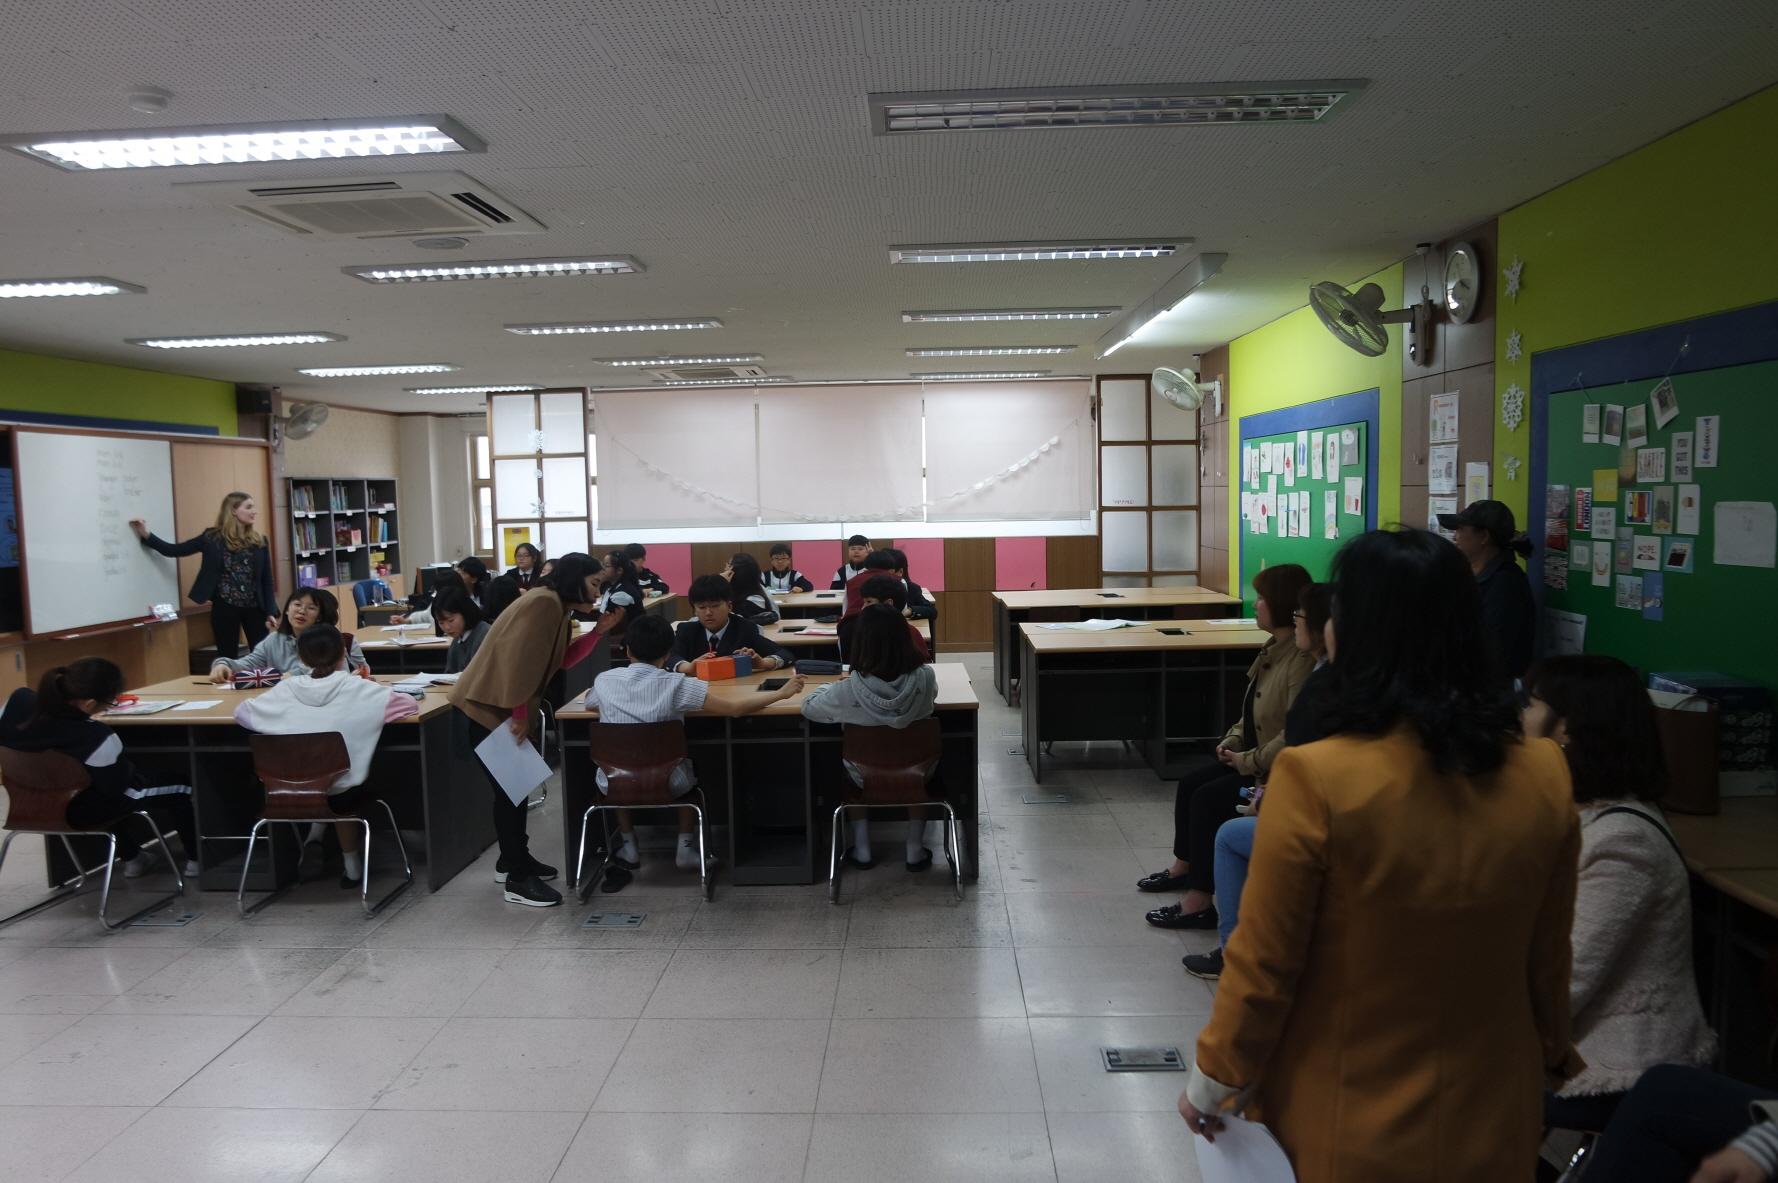 [일반] 2018학년도 1학기 학부모와 함께하는 교육활동 공개의 날의 첨부이미지 5